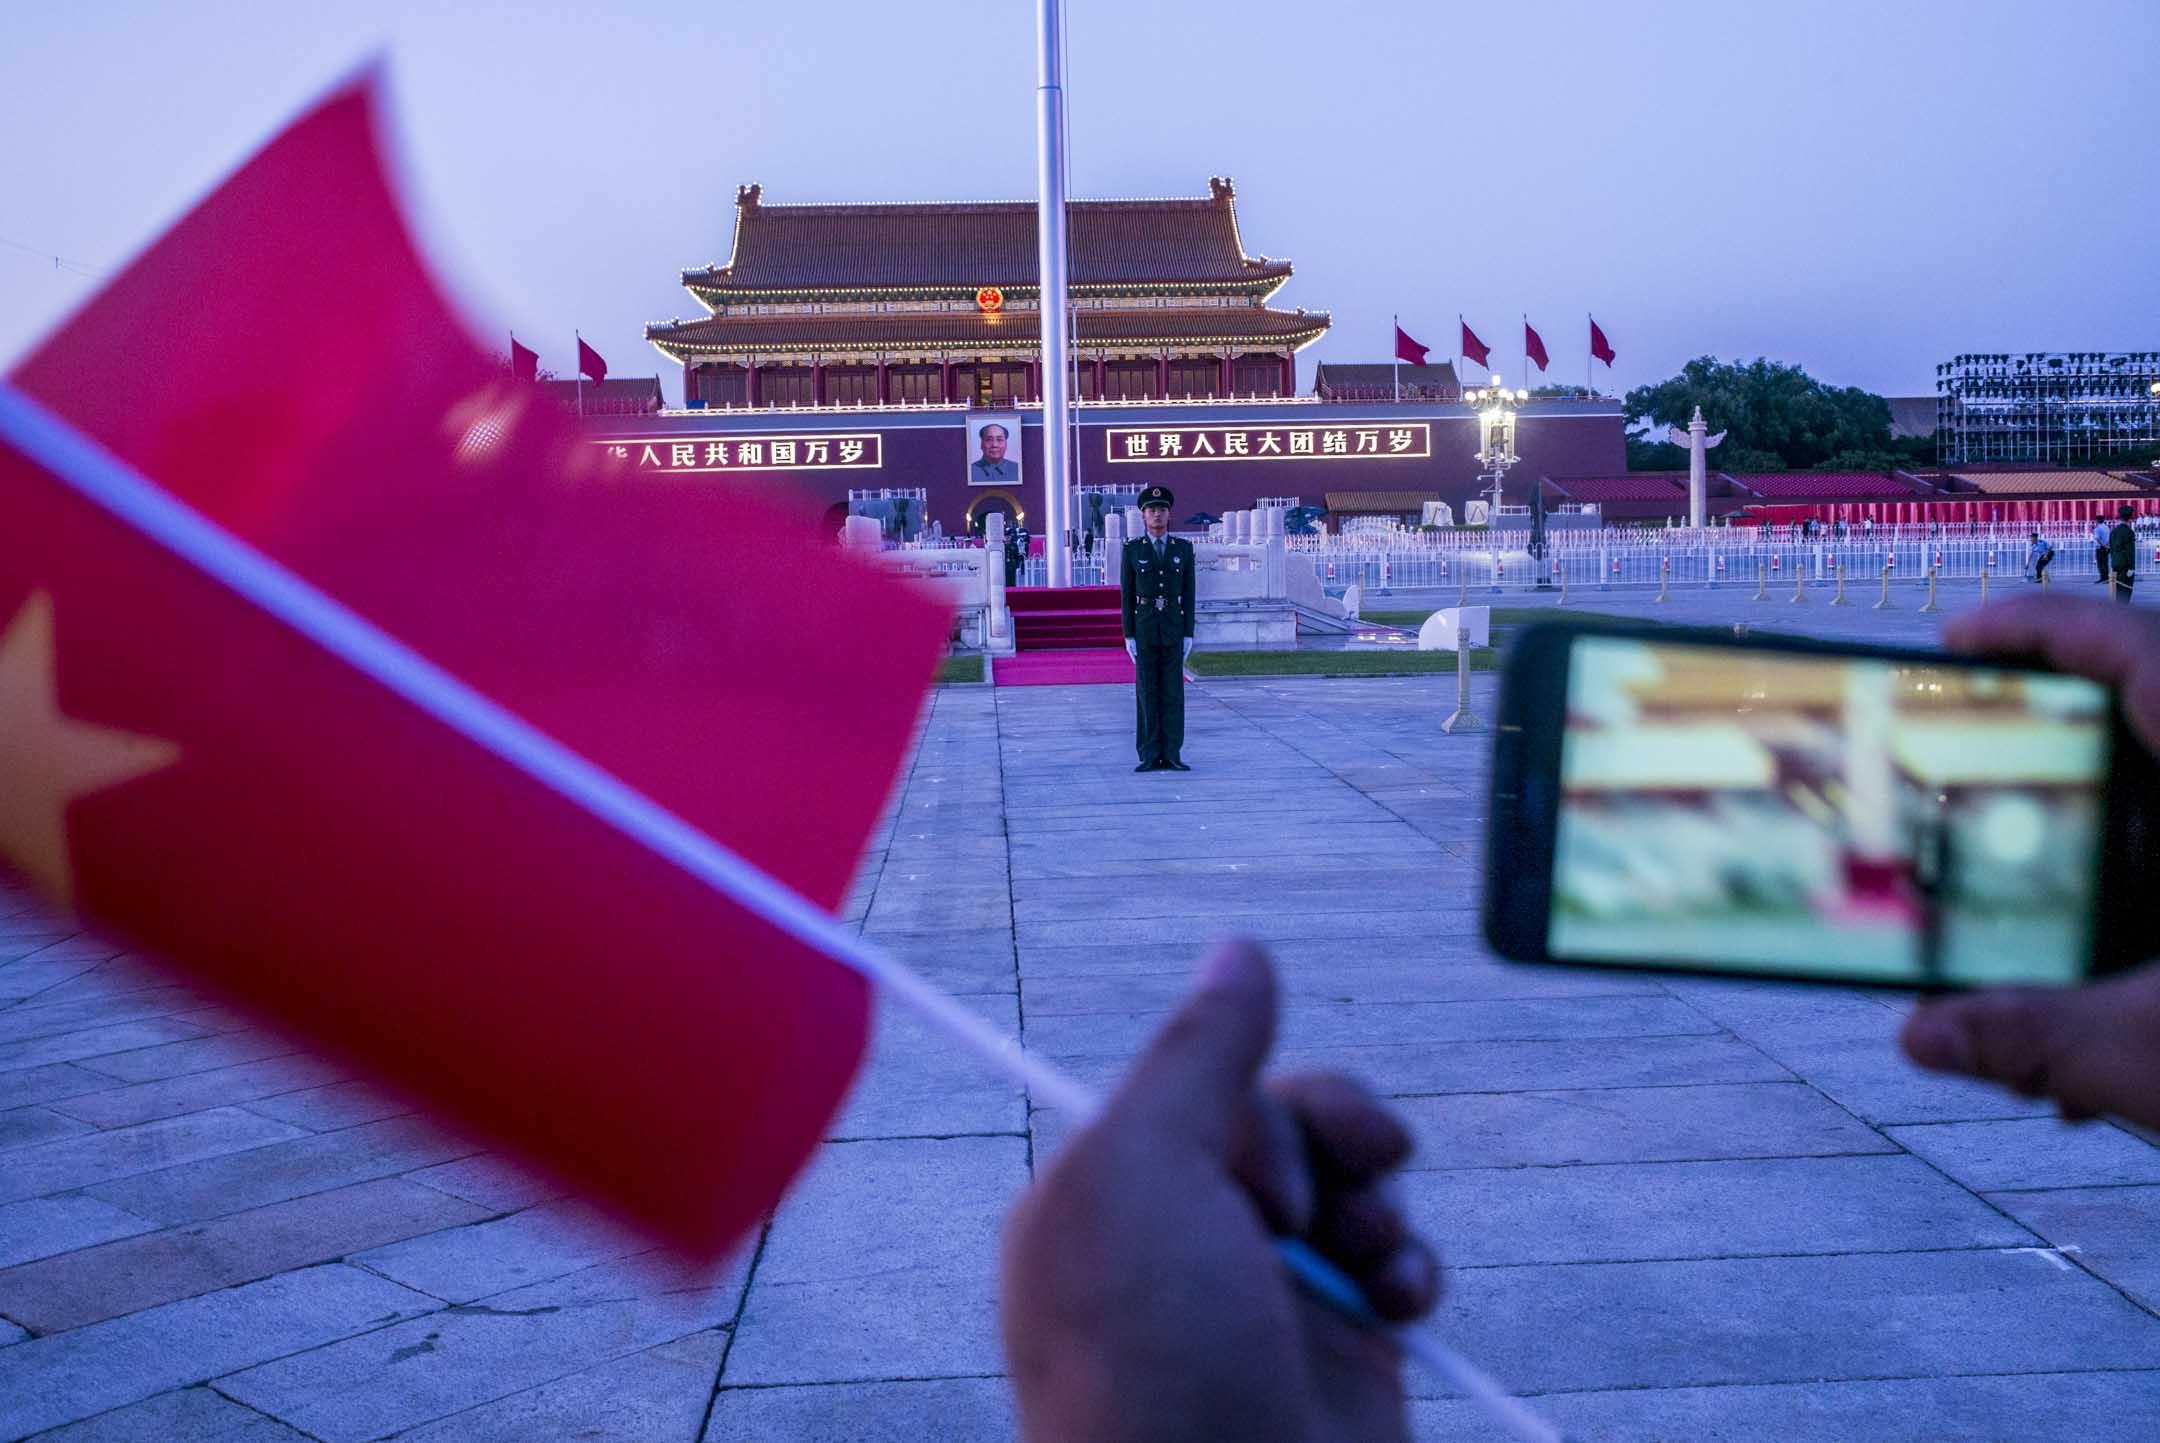 北京天安門廣場上的遊客於觀看降旗儀式後,繼續拍照。 攝:林振東/端傳媒